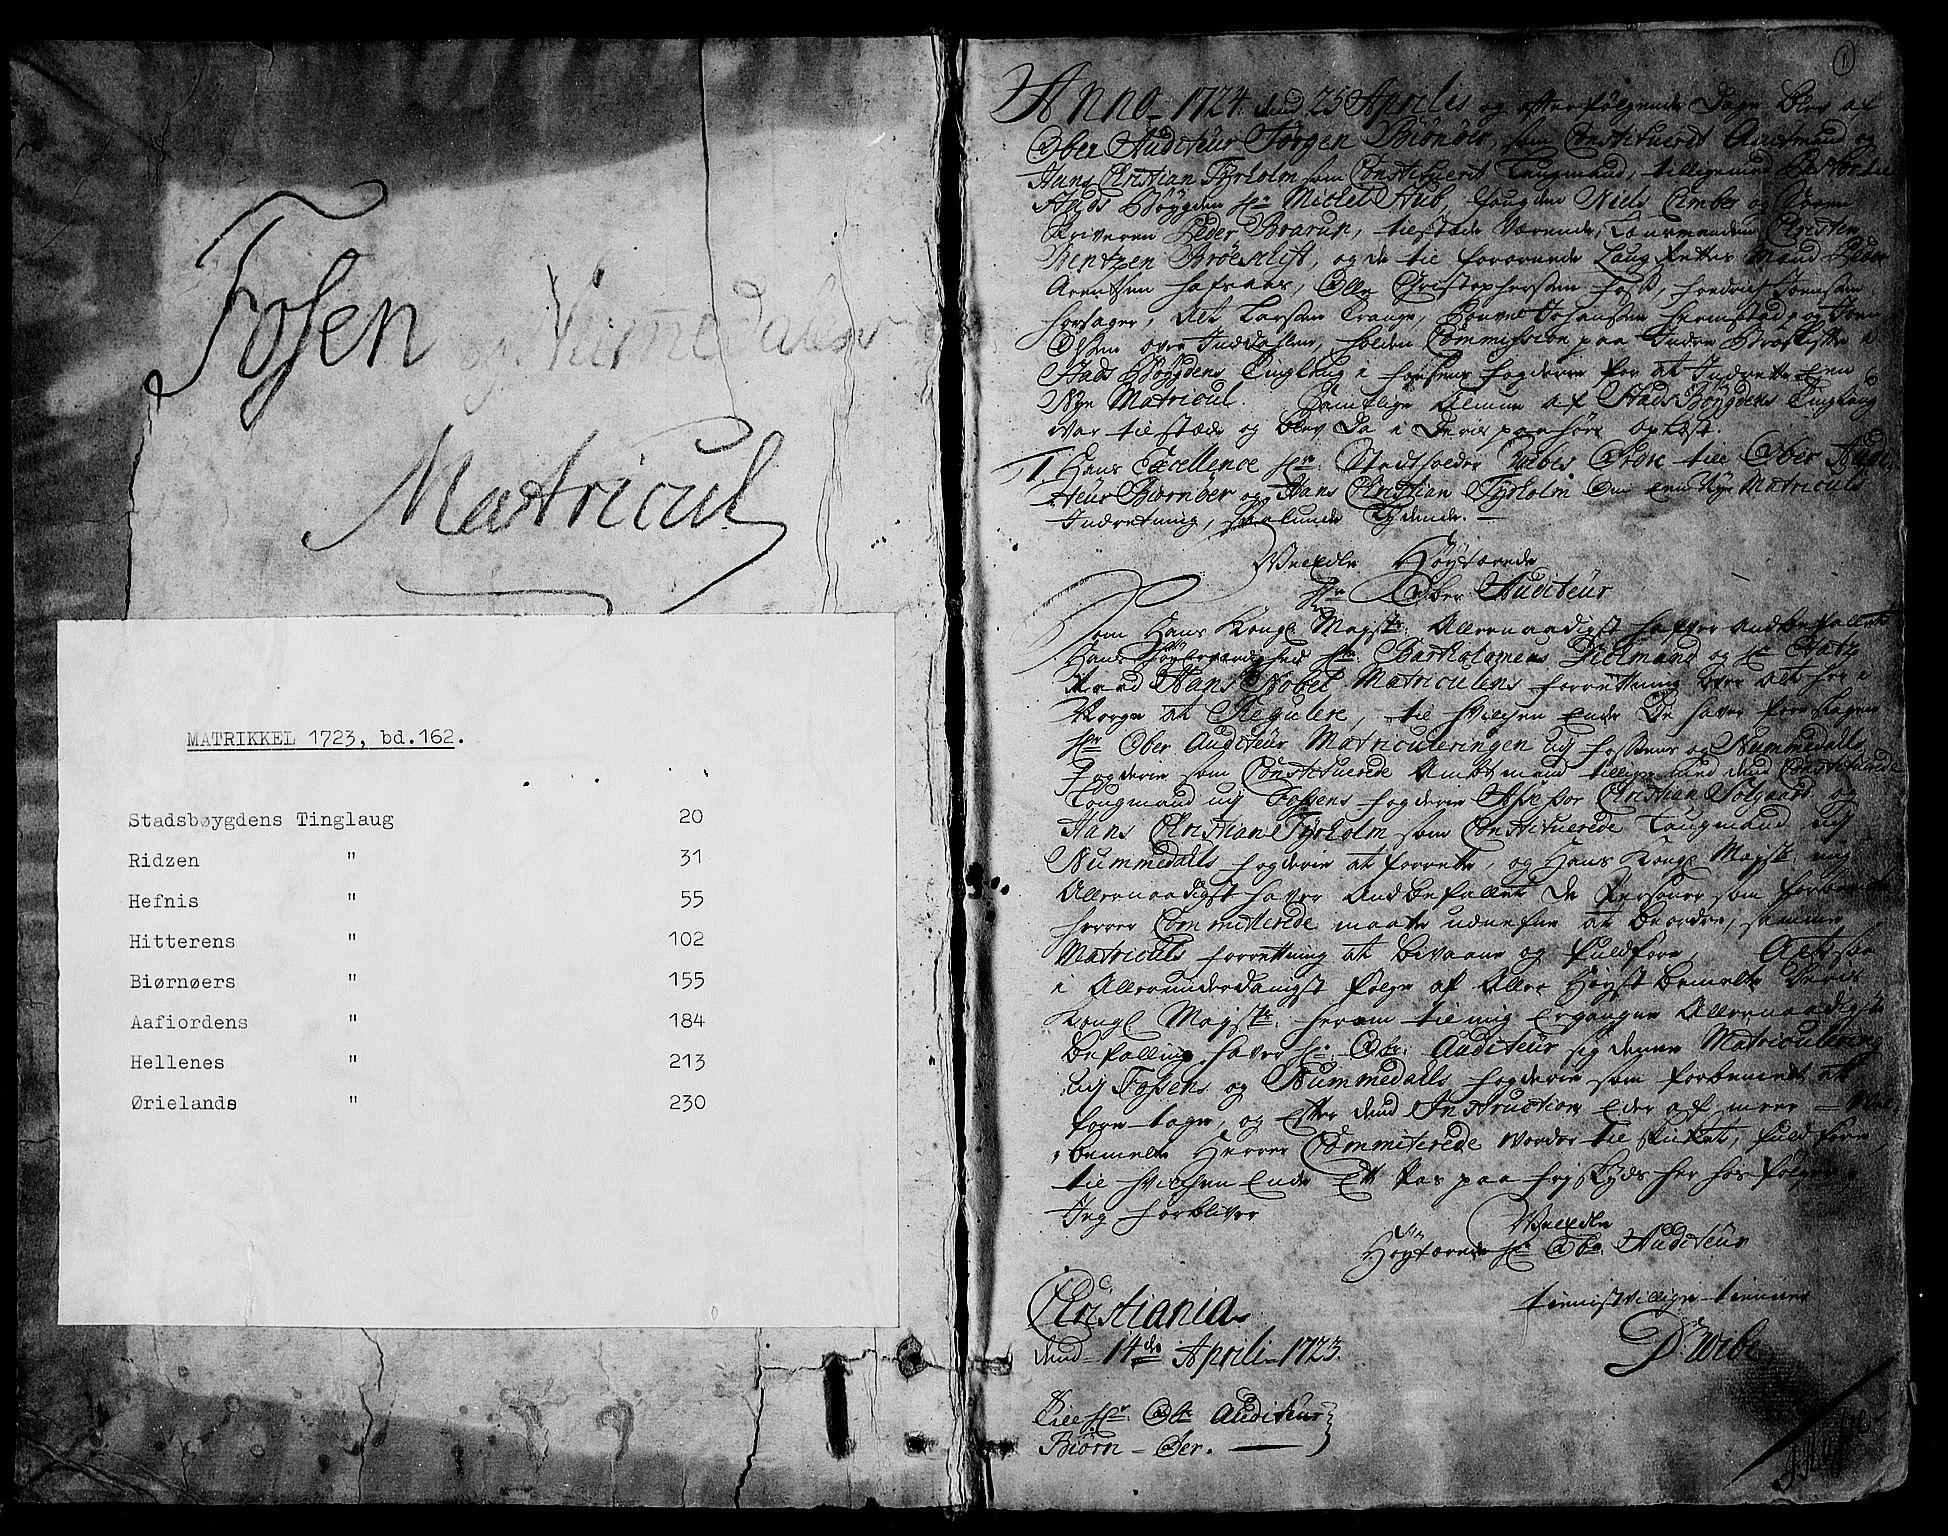 RA, Rentekammeret inntil 1814, Realistisk ordnet avdeling, N/Nb/Nbf/L0162: Fosen eksaminasjonsprotokoll, 1723, s. upaginert